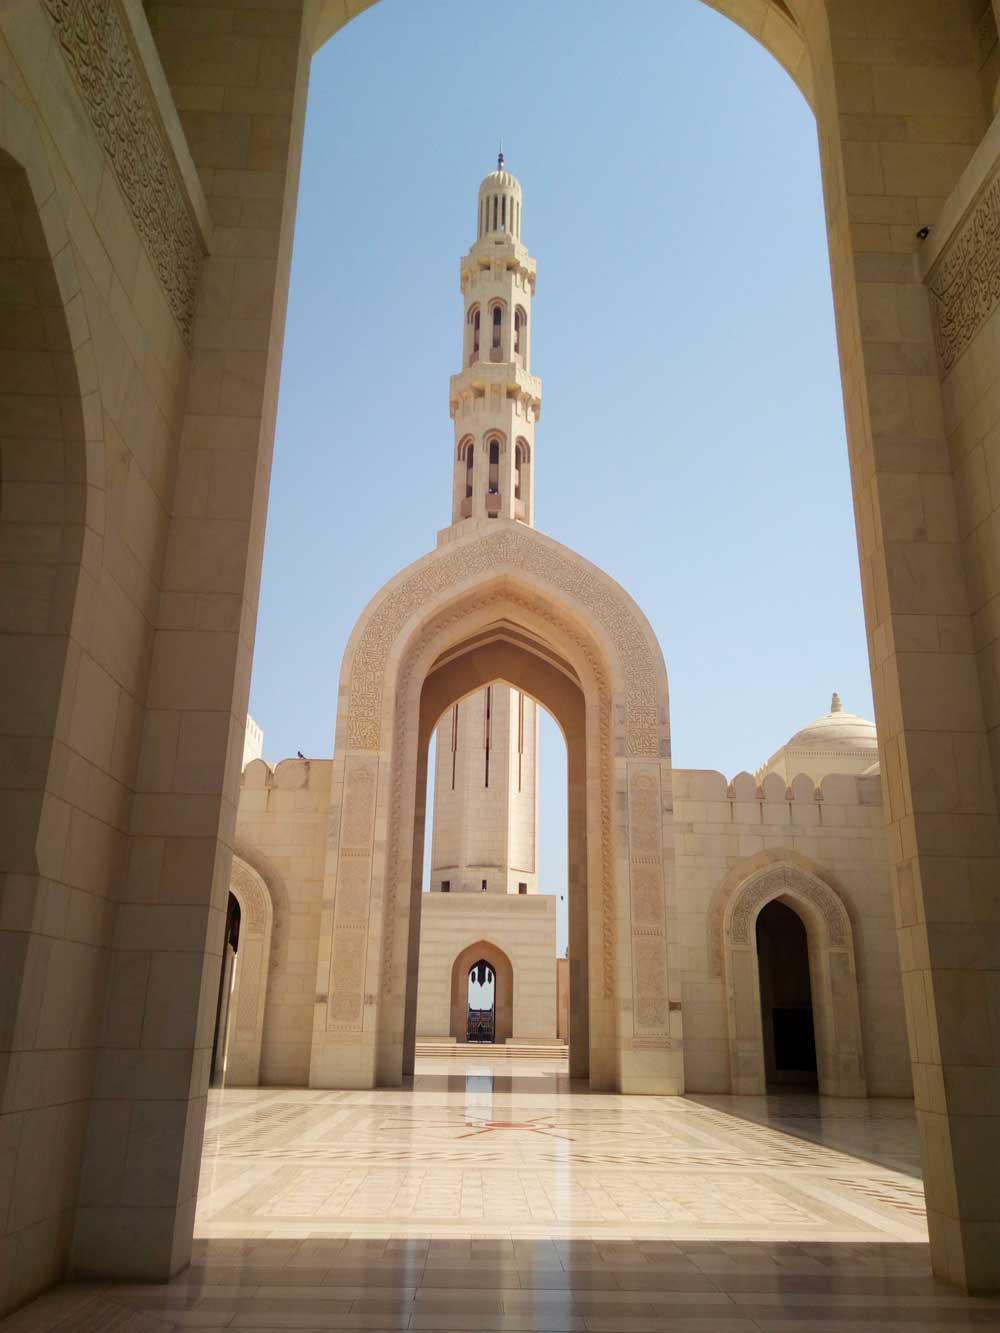 cortile interno alla Moschea di Muscat - foto di Danilo Boaretto